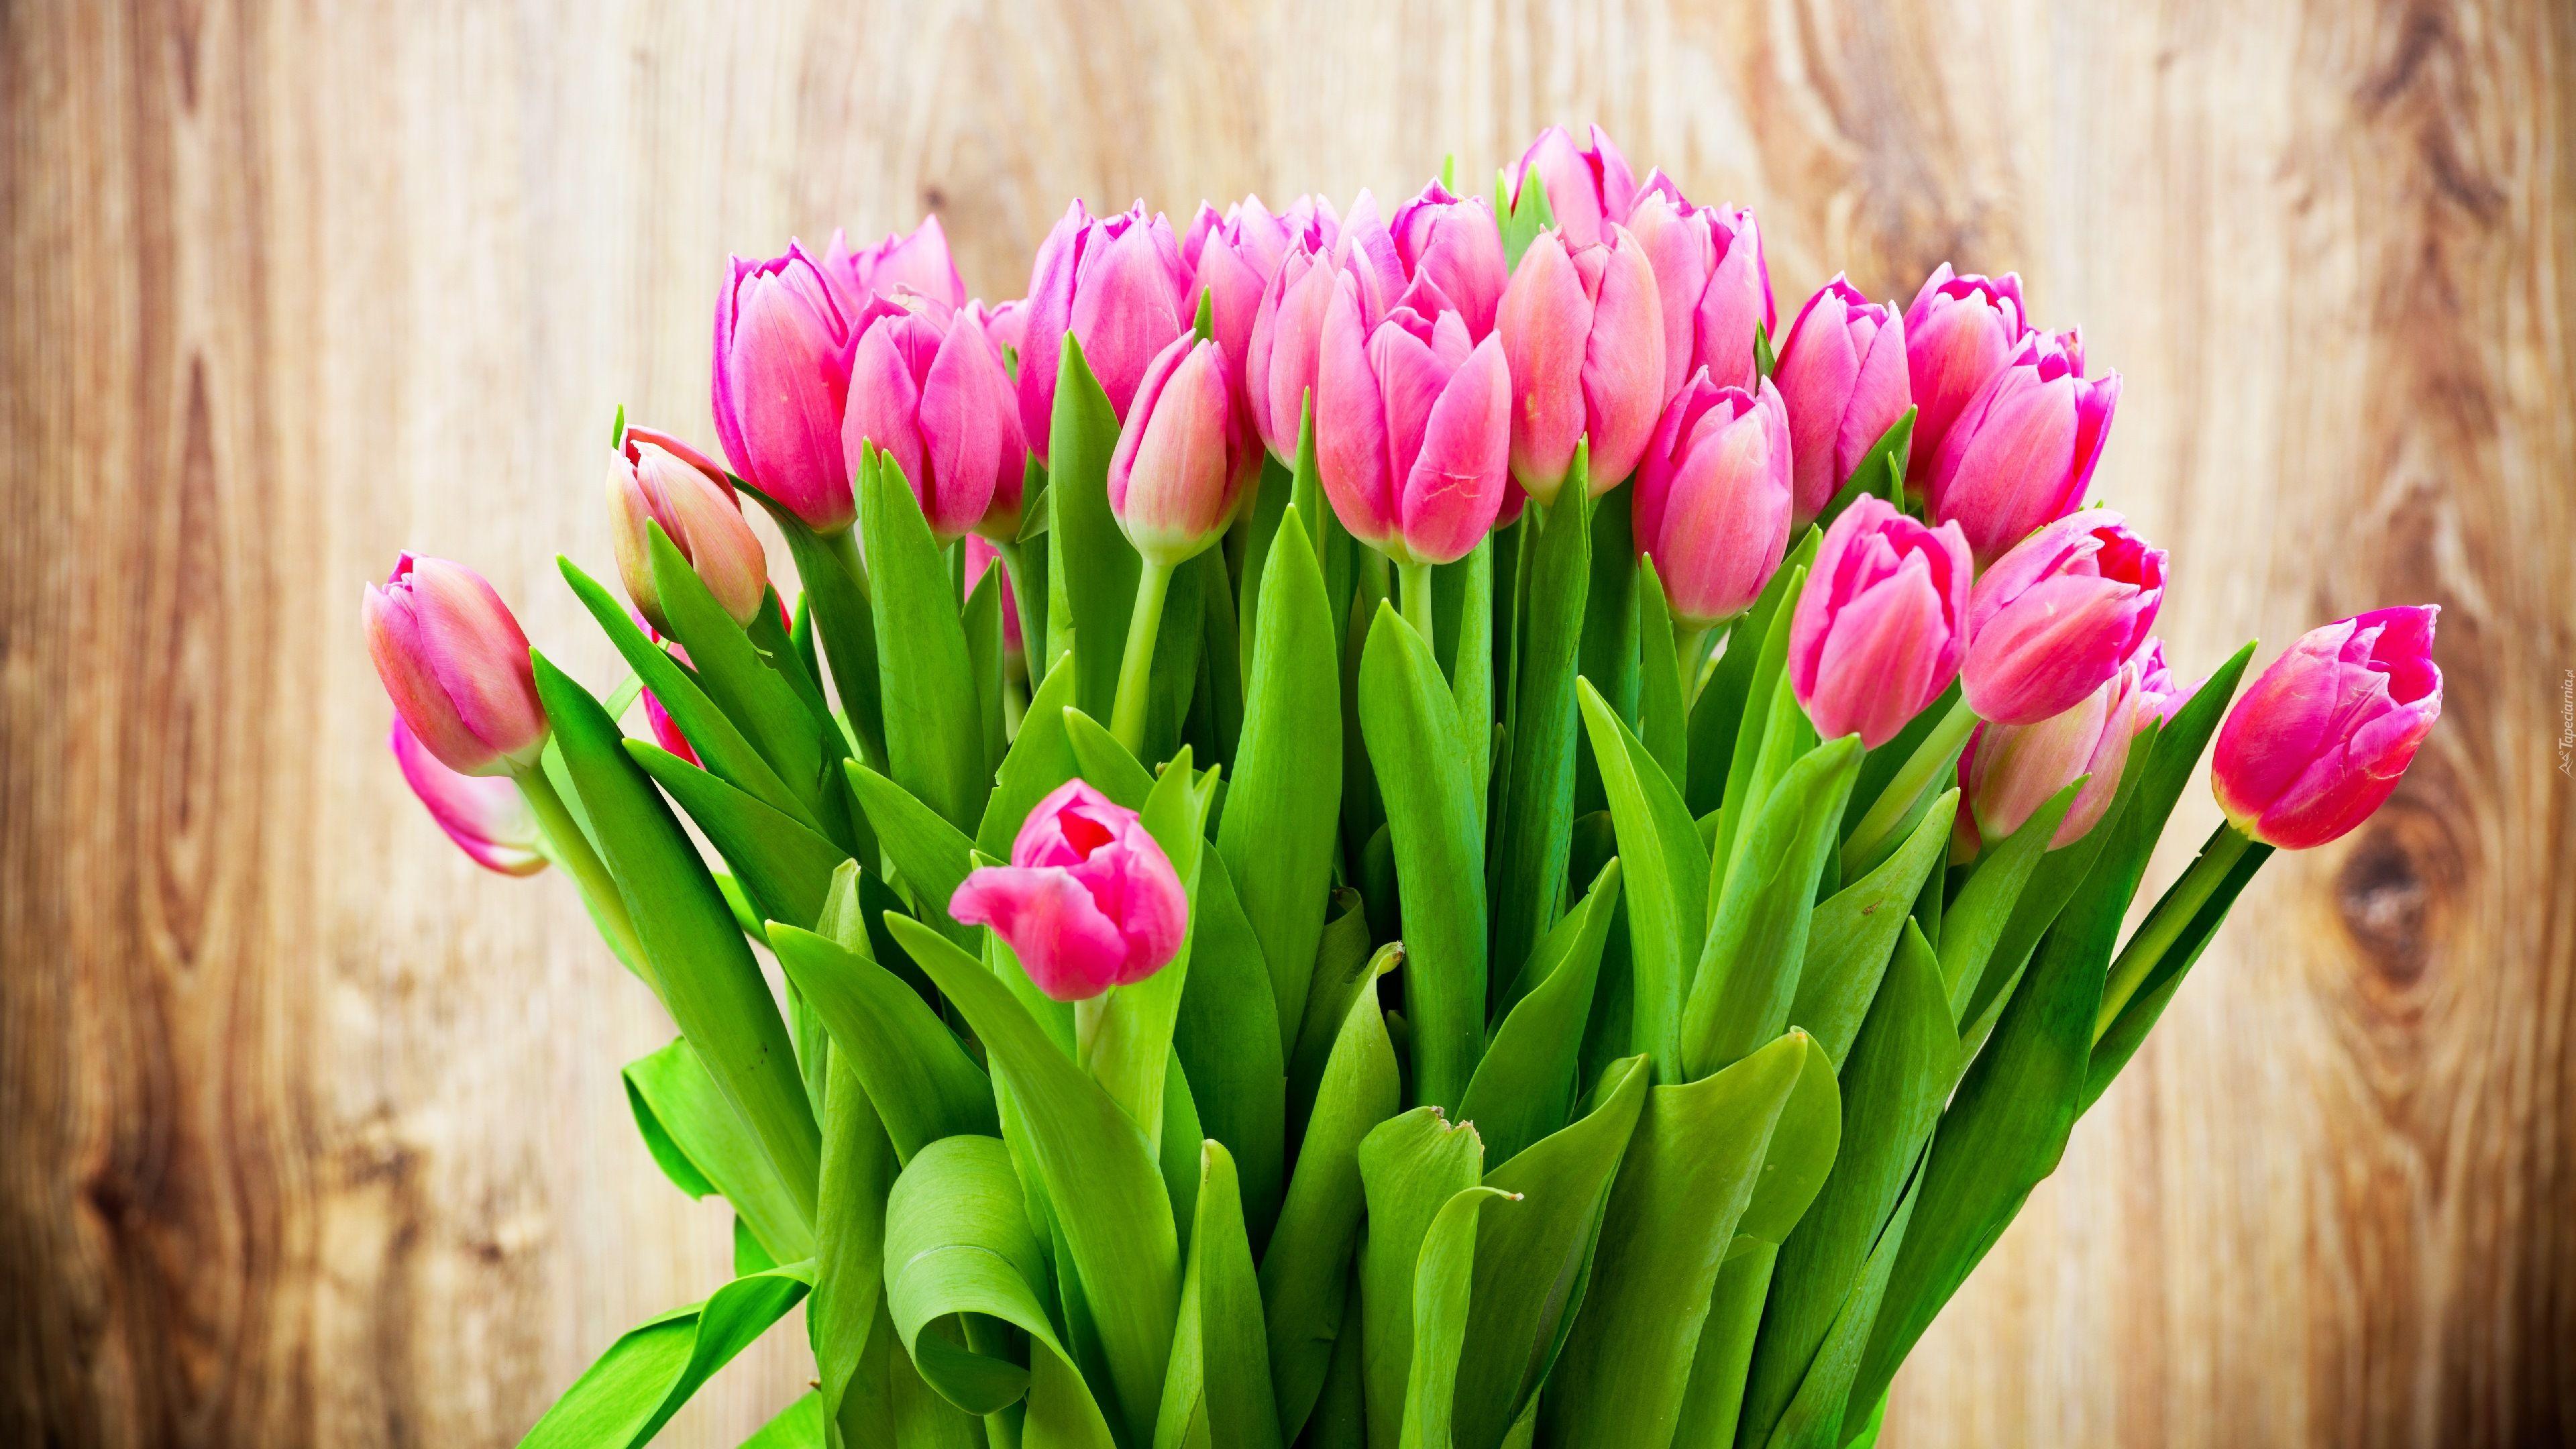 Bukiet Tulipany Rozowe Flower Wallpaper Tulips In Vase Tulips Flowers